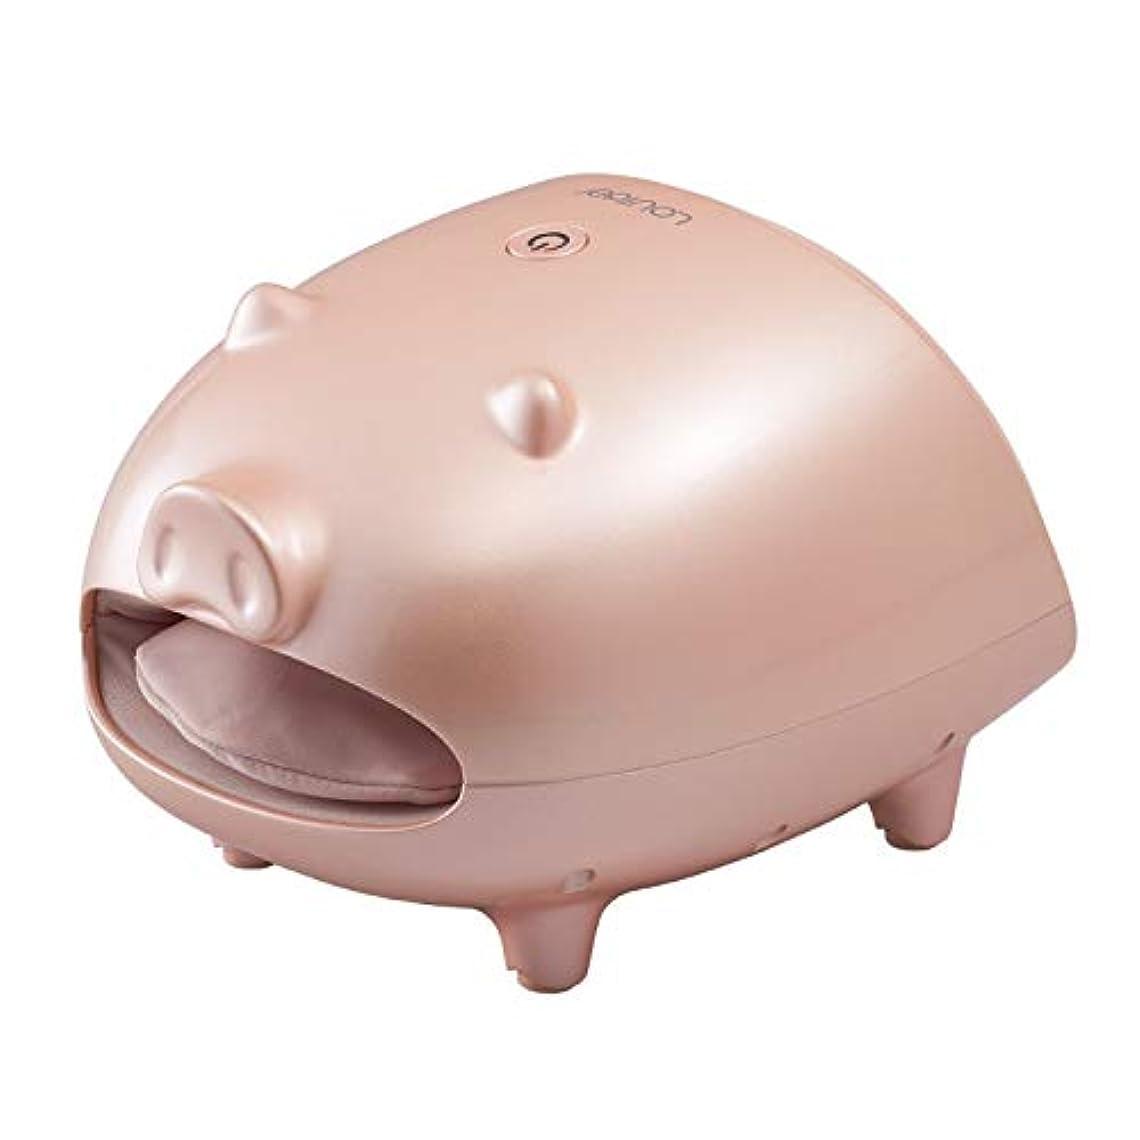 若い省支払いアテック ルルド フットケア コードレス リラブー ピンク AX-KXL3700pk AX-KXL3700pk